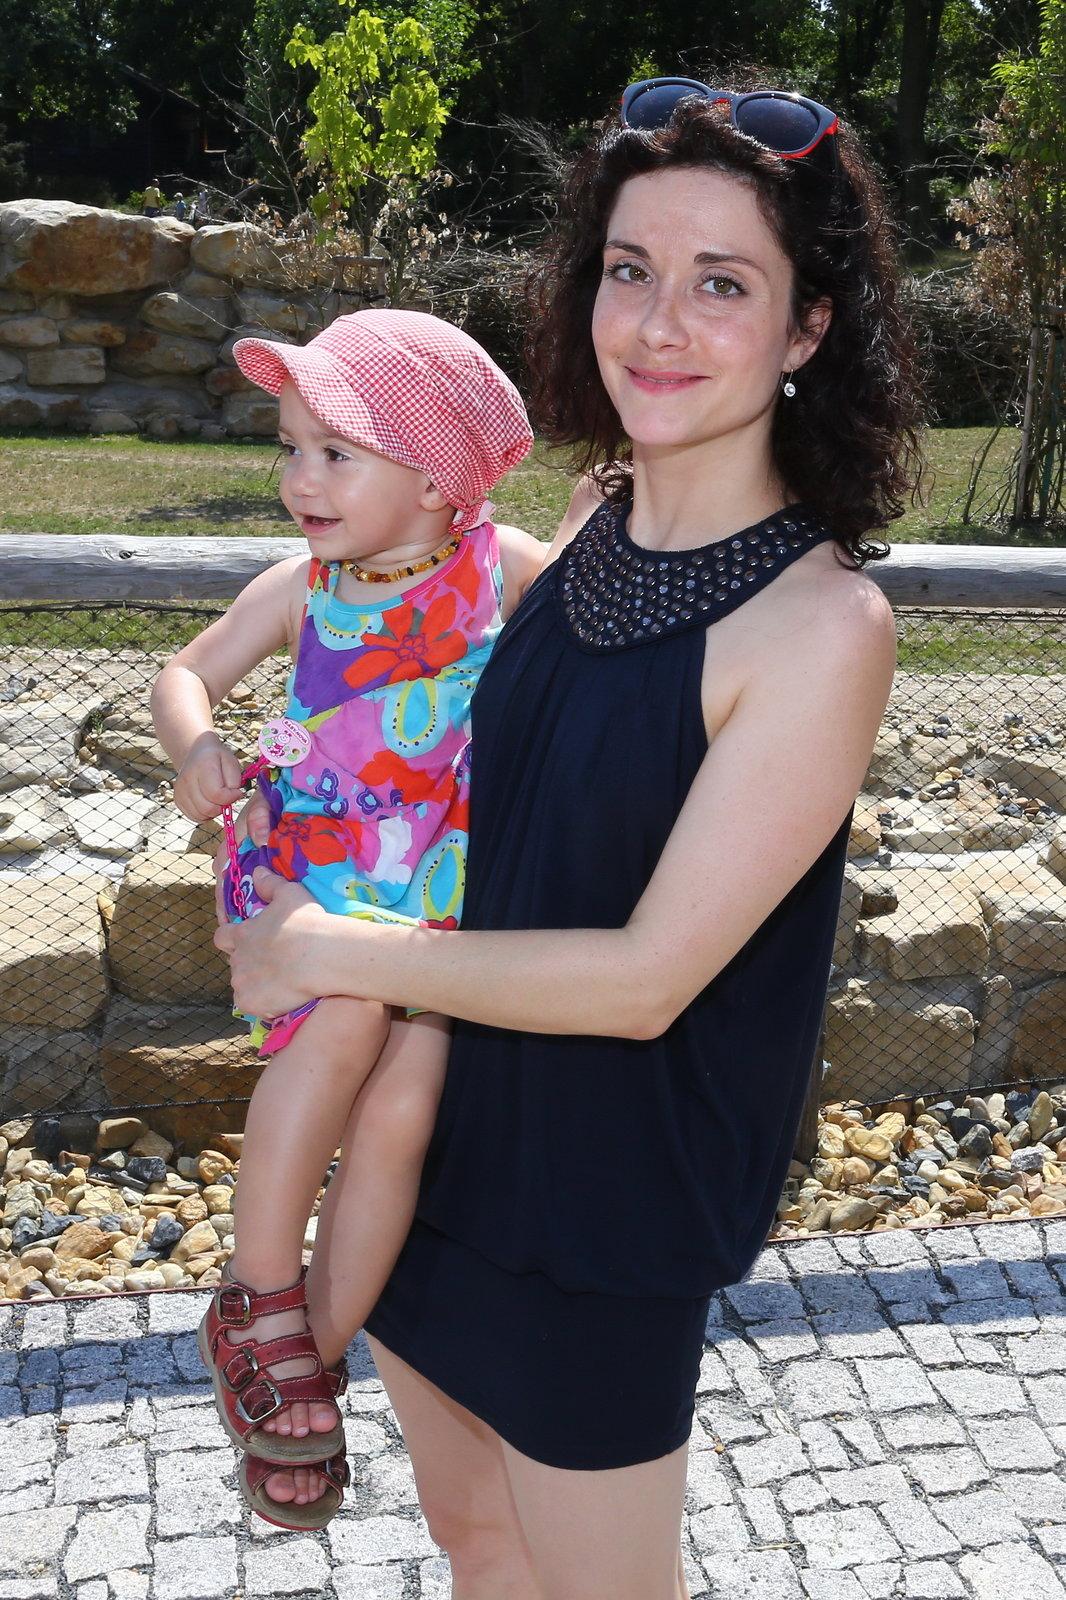 Lucie má necelé dva roky po porodu dcery postavičku jako ze žurnálu.